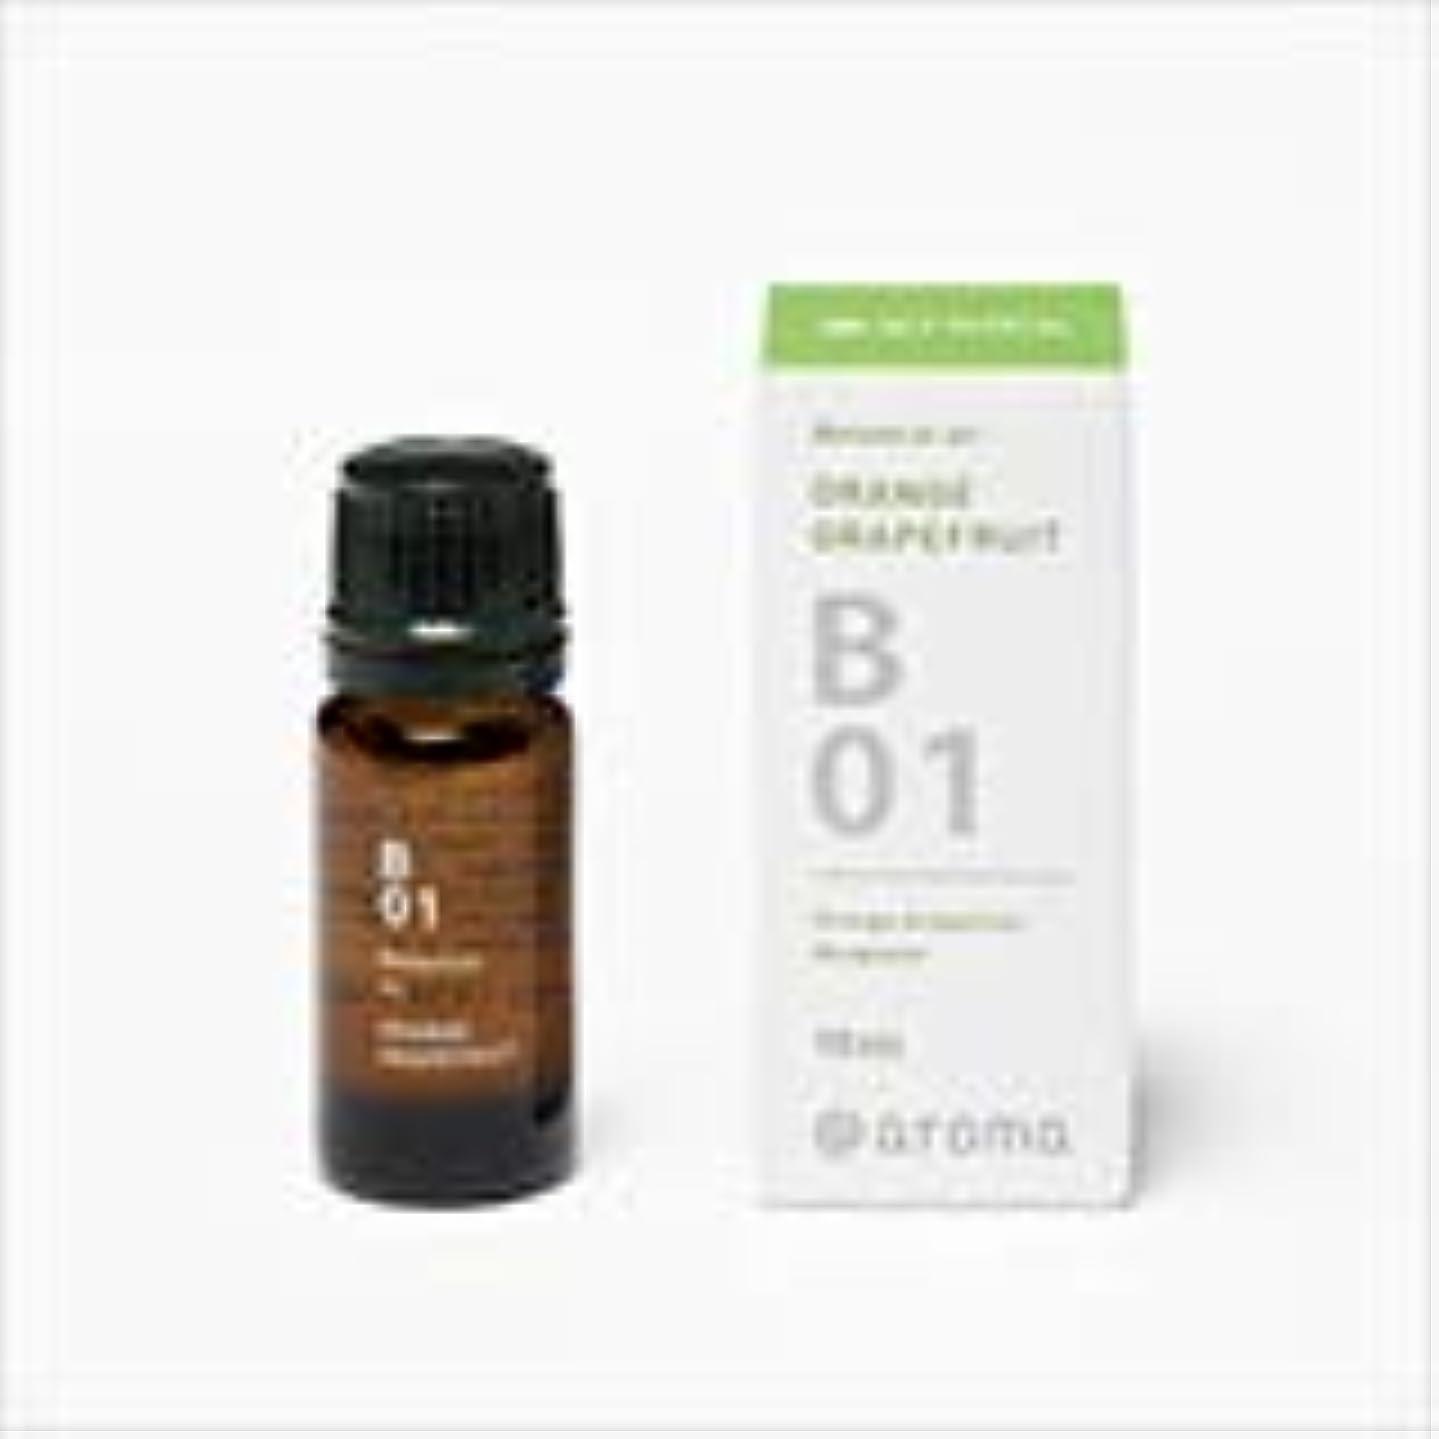 デコレーション大宇宙誓いアットアロマ 100%pure essential oil <Botanical air ジュニパーシダー>